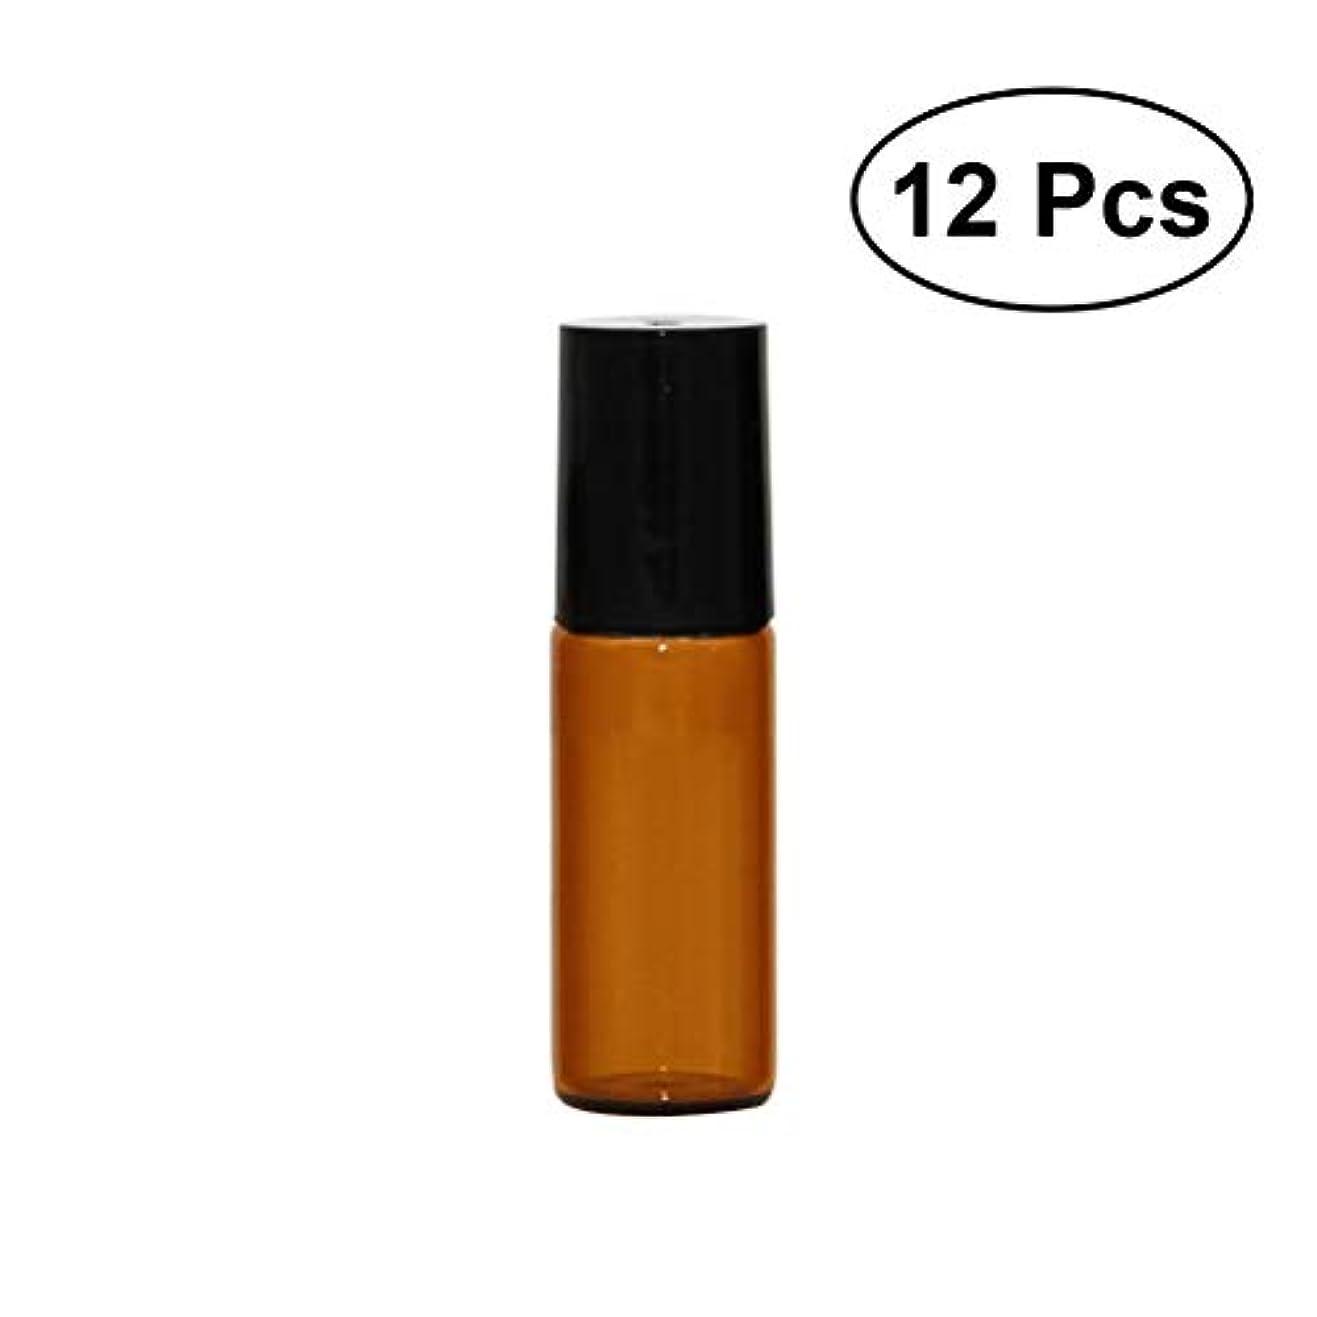 望む分数ツール12本セット 5ml ローオンボトル イプ 茶色 香水 精油 遮光瓶 ガラスロールタ小分け用 アロマボトル 保存容器